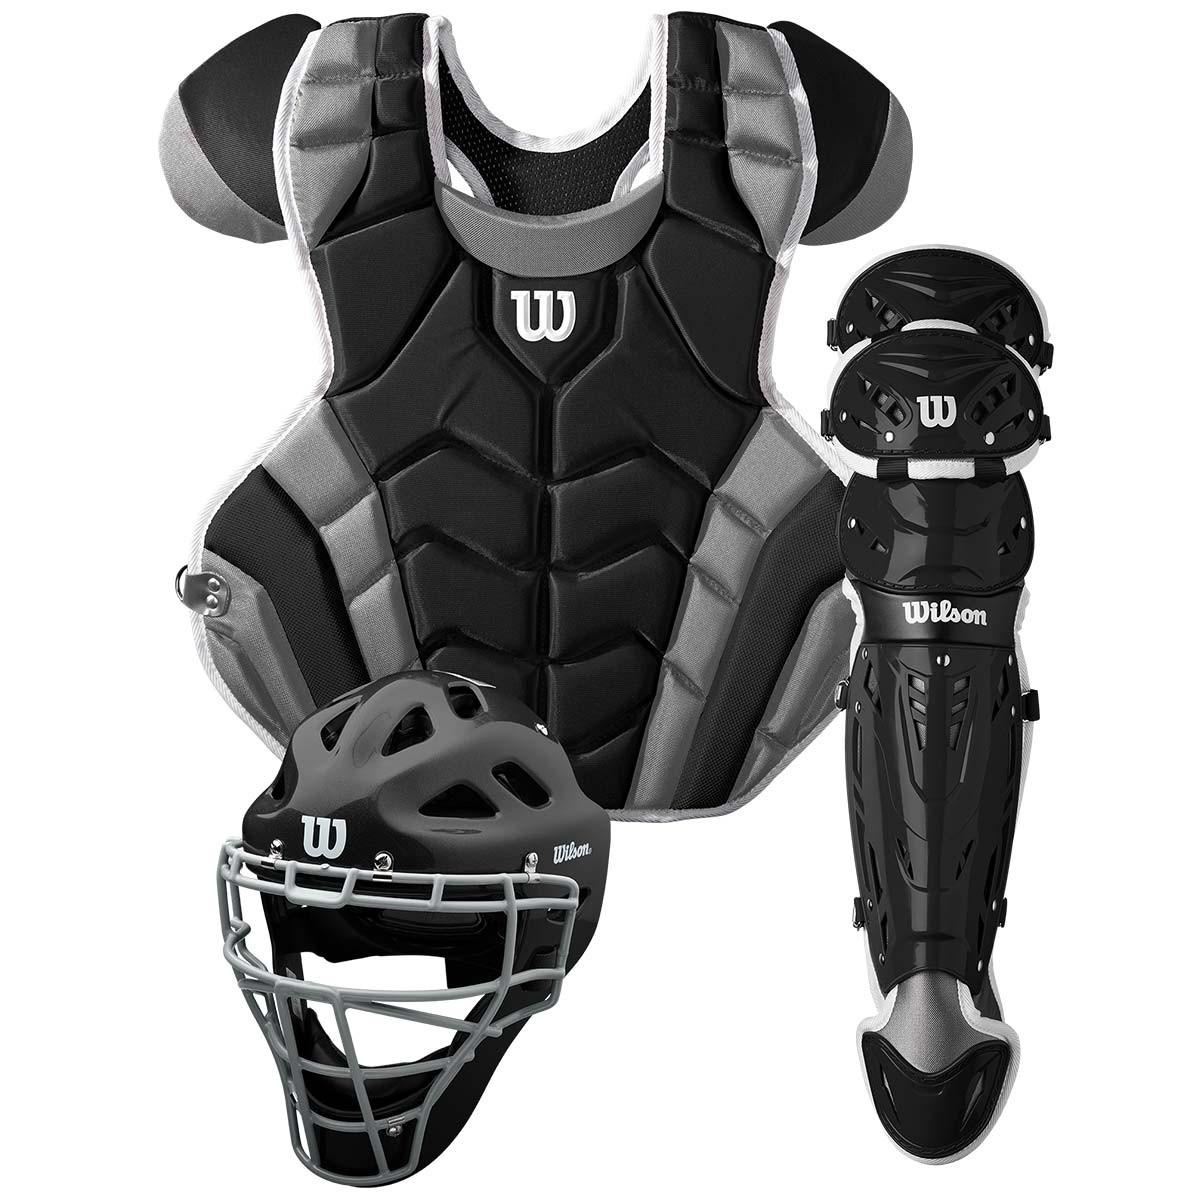 送料無料 ウィルソン WILSON 硬式野球用 キャッチャーセット ブラック×グレー C1K Catcher's Gear Kit - Adult マスク・プロテクター・レガース